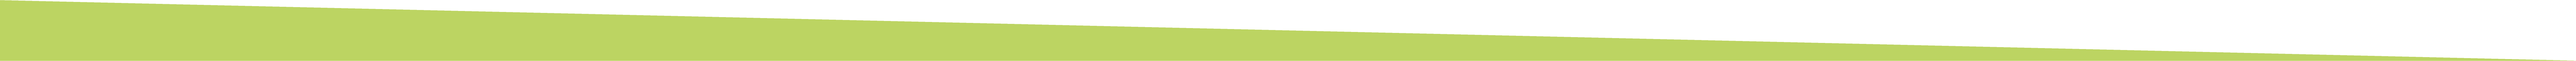 旬彩ダイニングさんぽ道|事業案内|医療法人 おおごう会 - 北九州市小倉北区